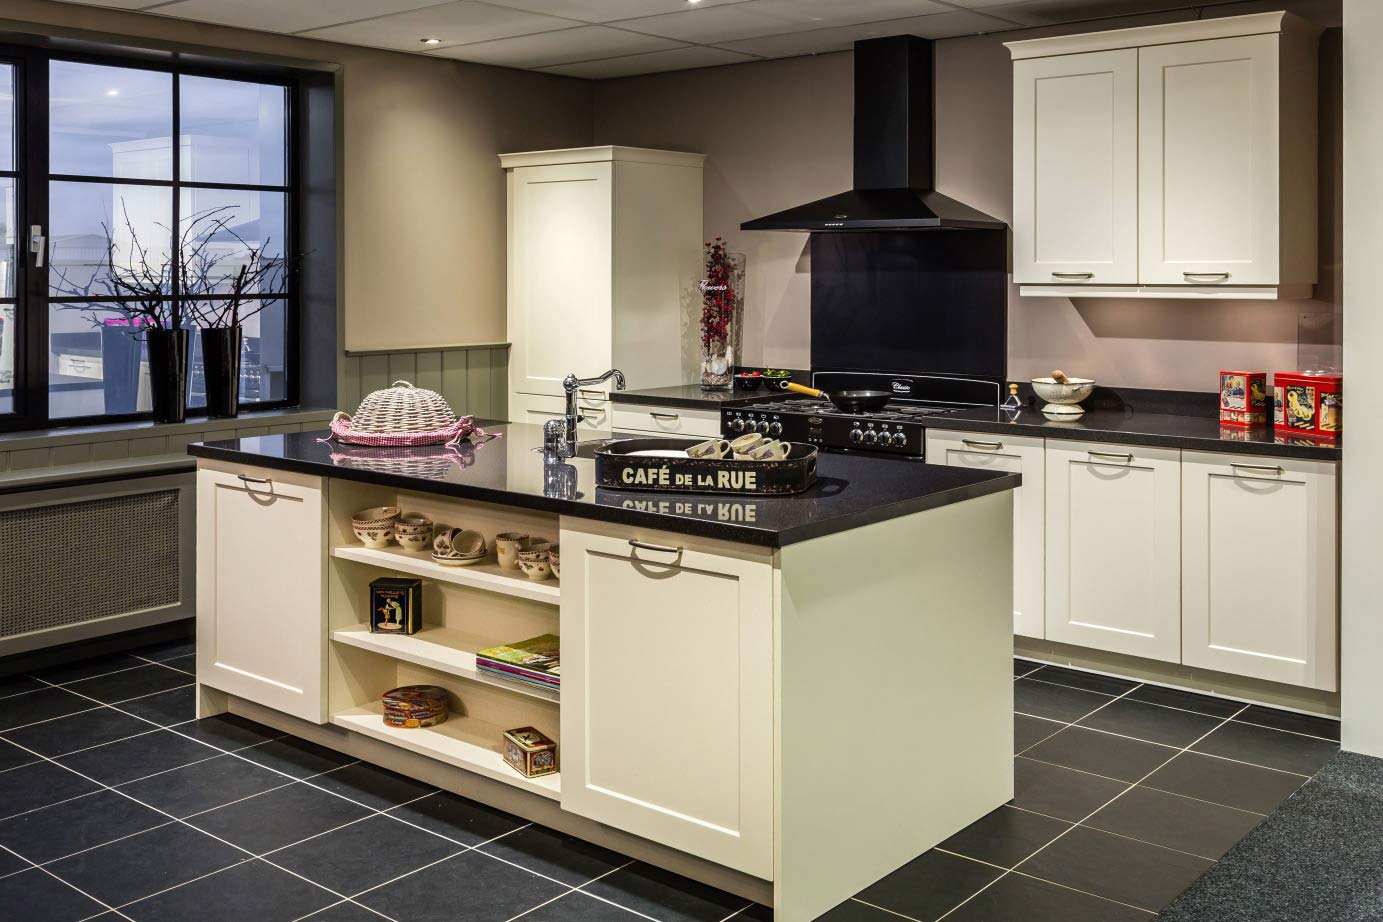 Keuken Met Spoeleiland : Landelijke keuken met spoeleiland